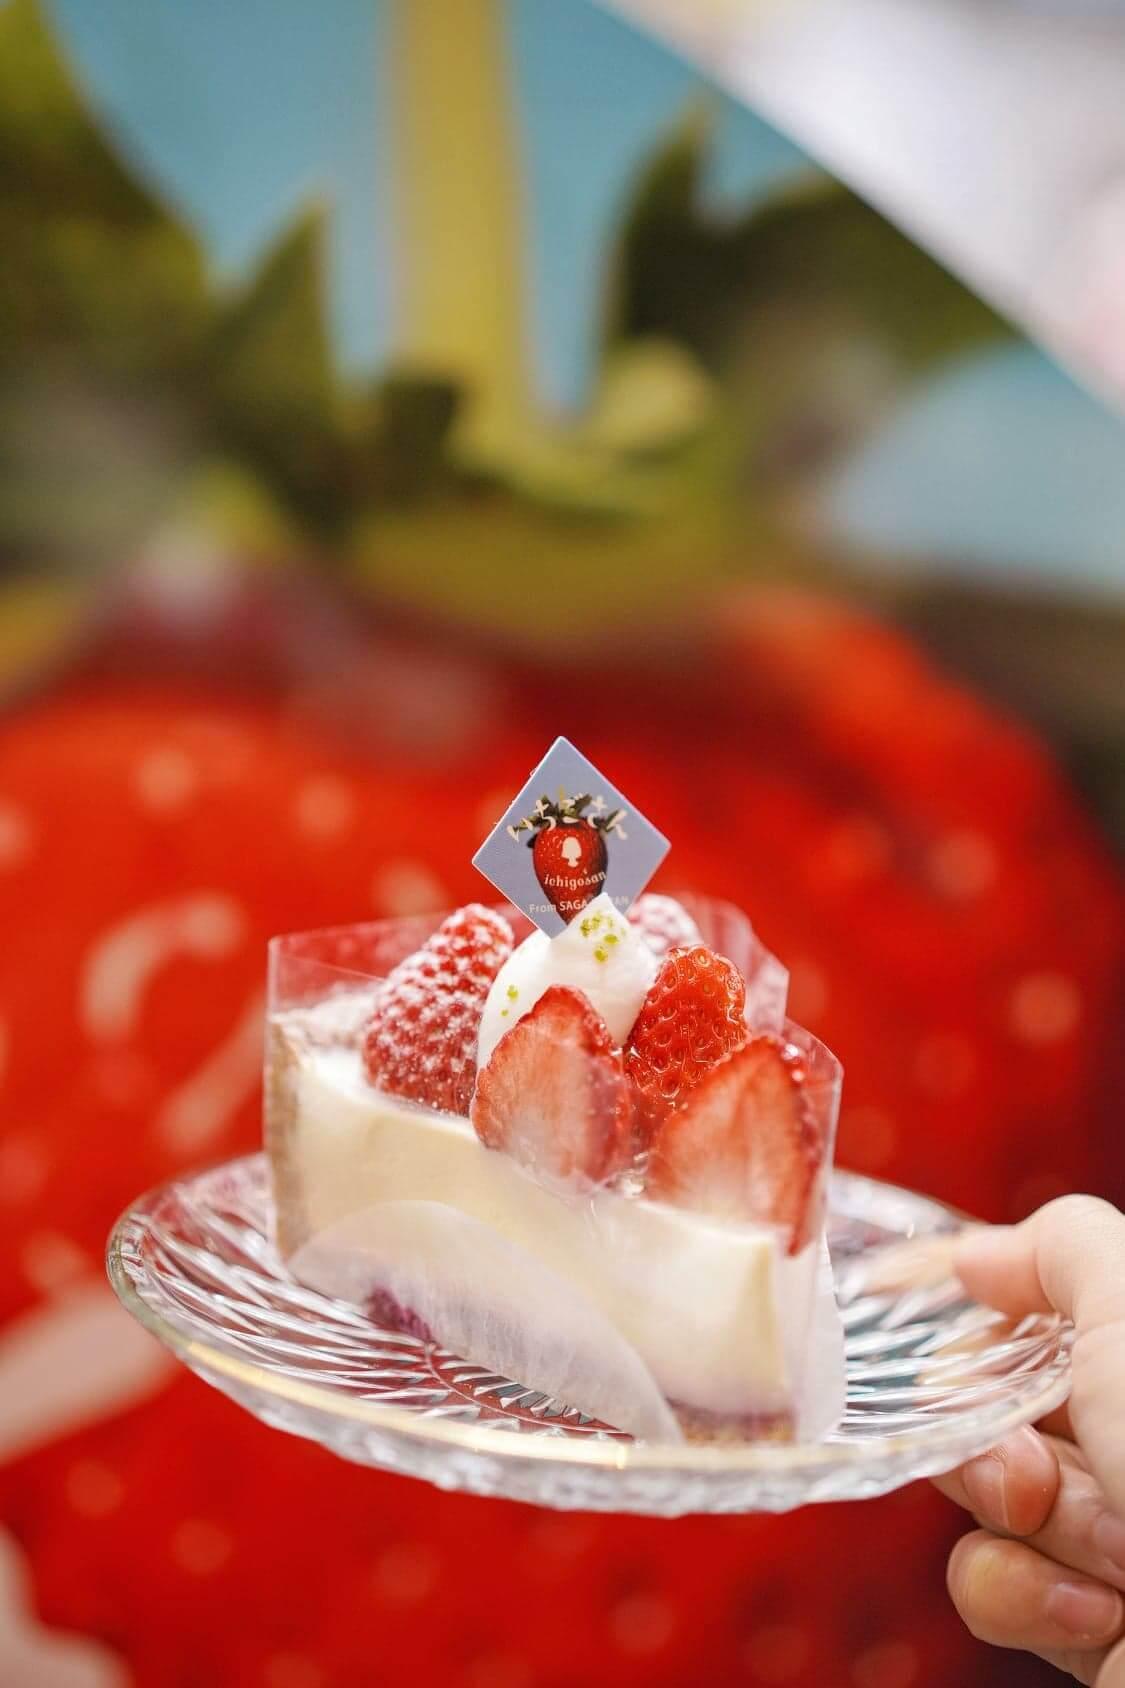 松岡先生特別為「佐賀莓小姐」做的蛋糕款式,以微酸芝士蛋糕,突顯「佐賀莓小姐」的香甜滋味。